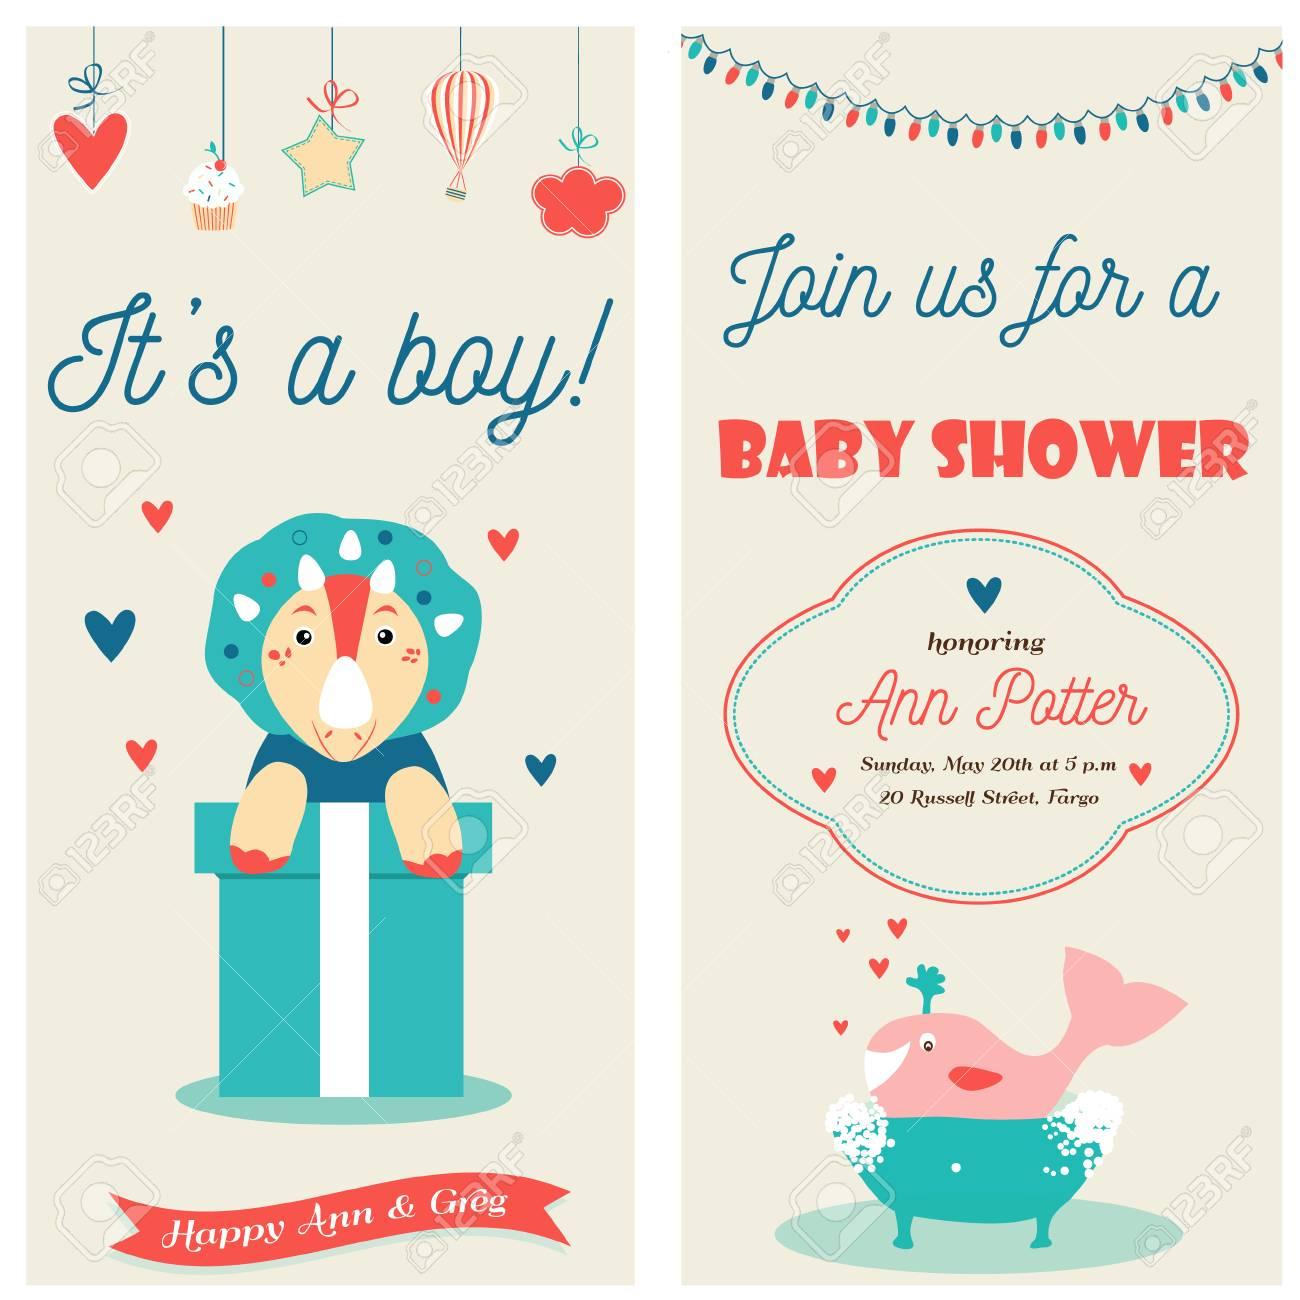 Baby Shower Doble Tarjeta De Invitación Con Un Lindo Dinosaurio Y Ballena Es Un Niño